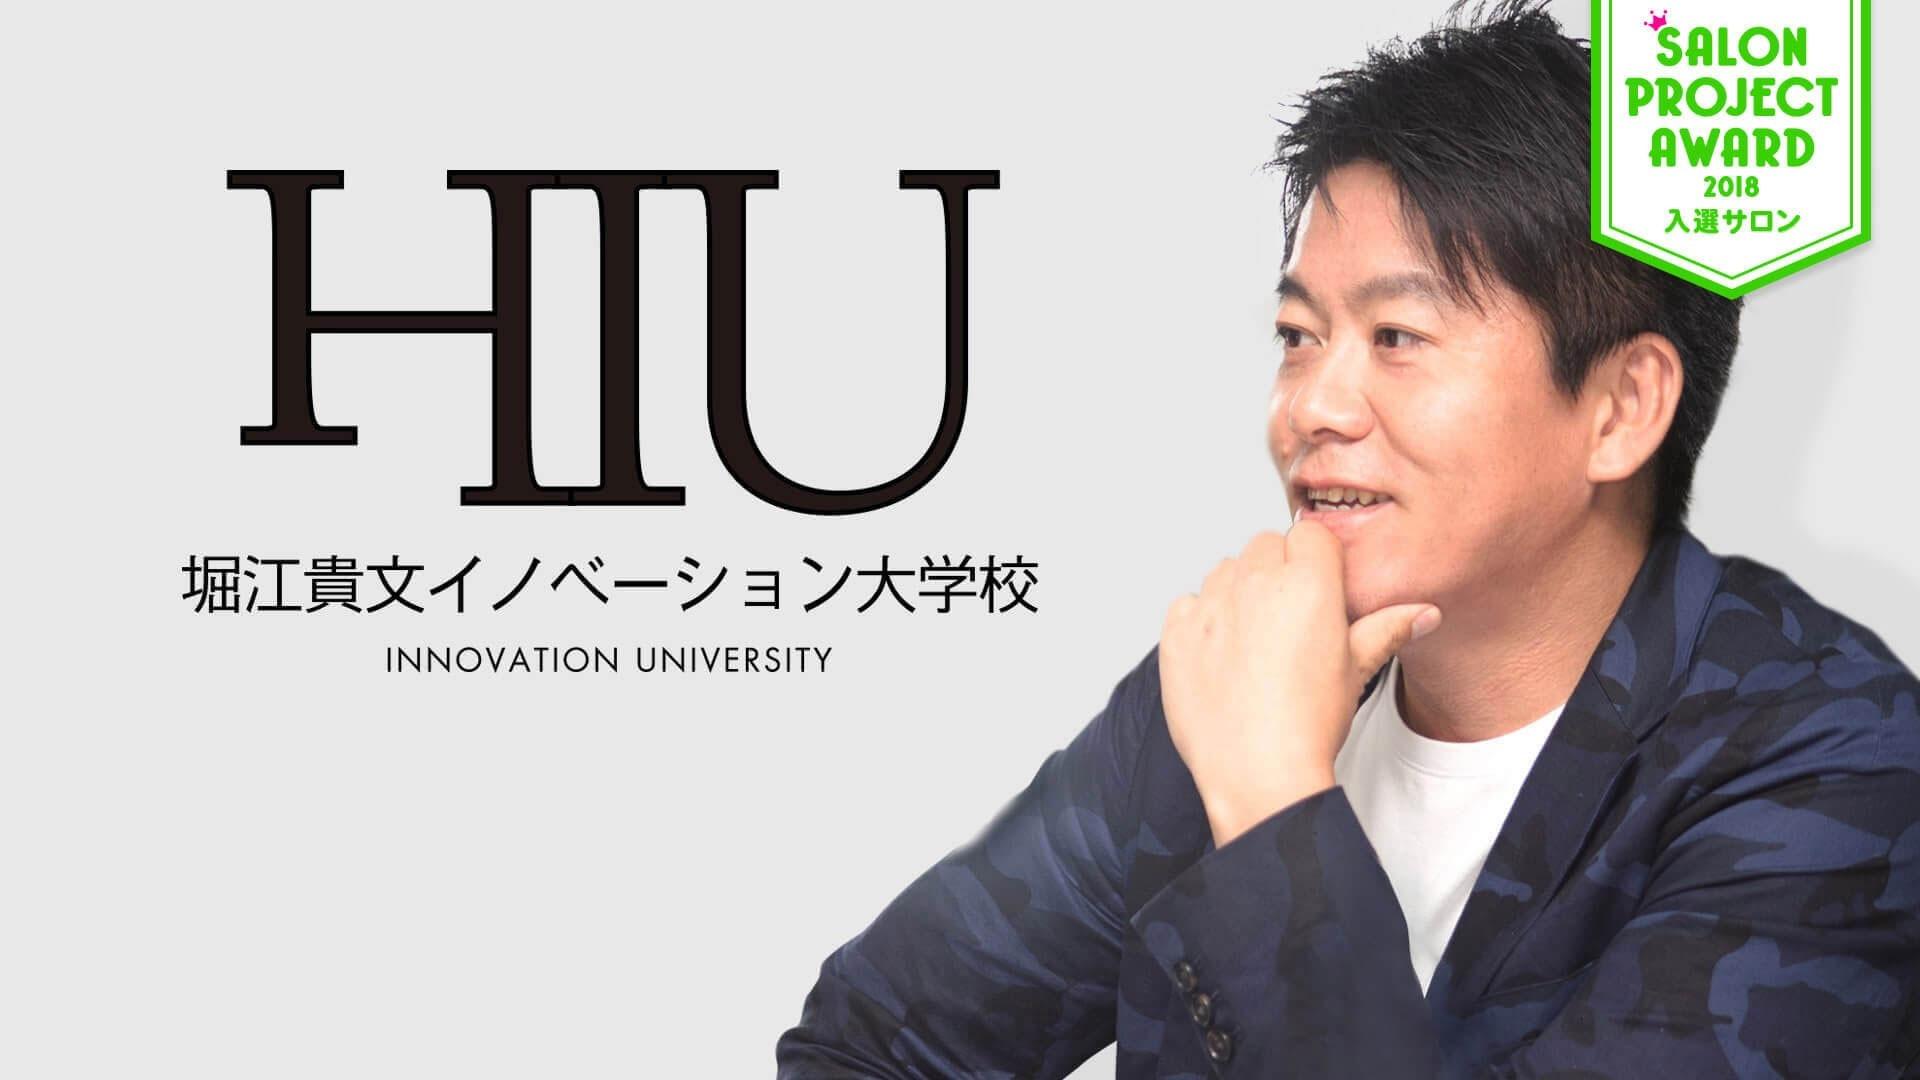 堀江貴文イノベーション大学校